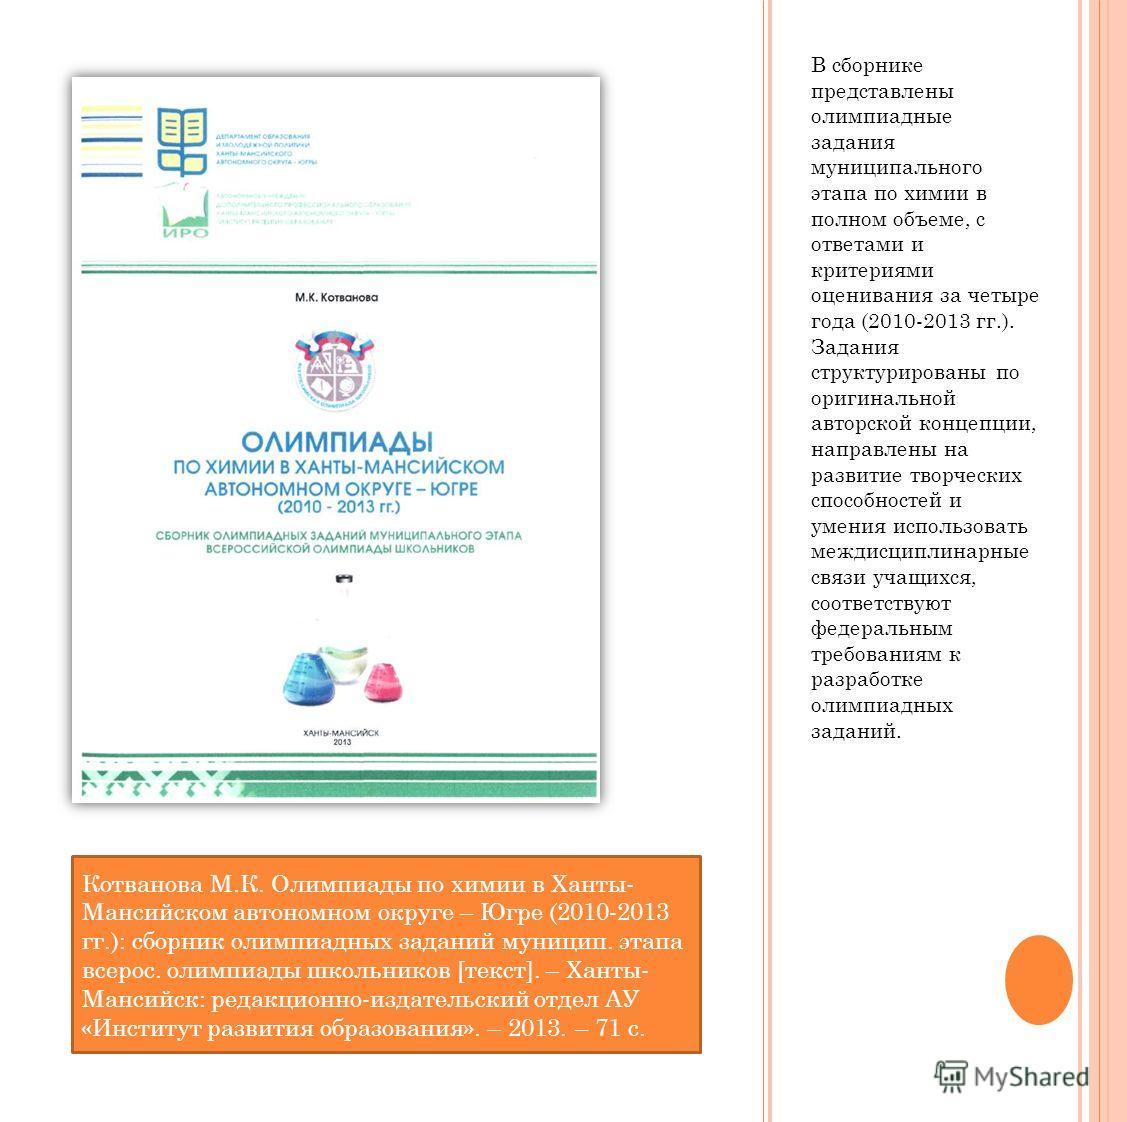 В сборнике представлены олимпиадные задания муниципального этапа по химии в полном объеме, с ответами и критериями оценивания за четыре года (2010-2013 гг.). Задания структурированы по оригинальной авторской концепции, направлены на развитие творческ